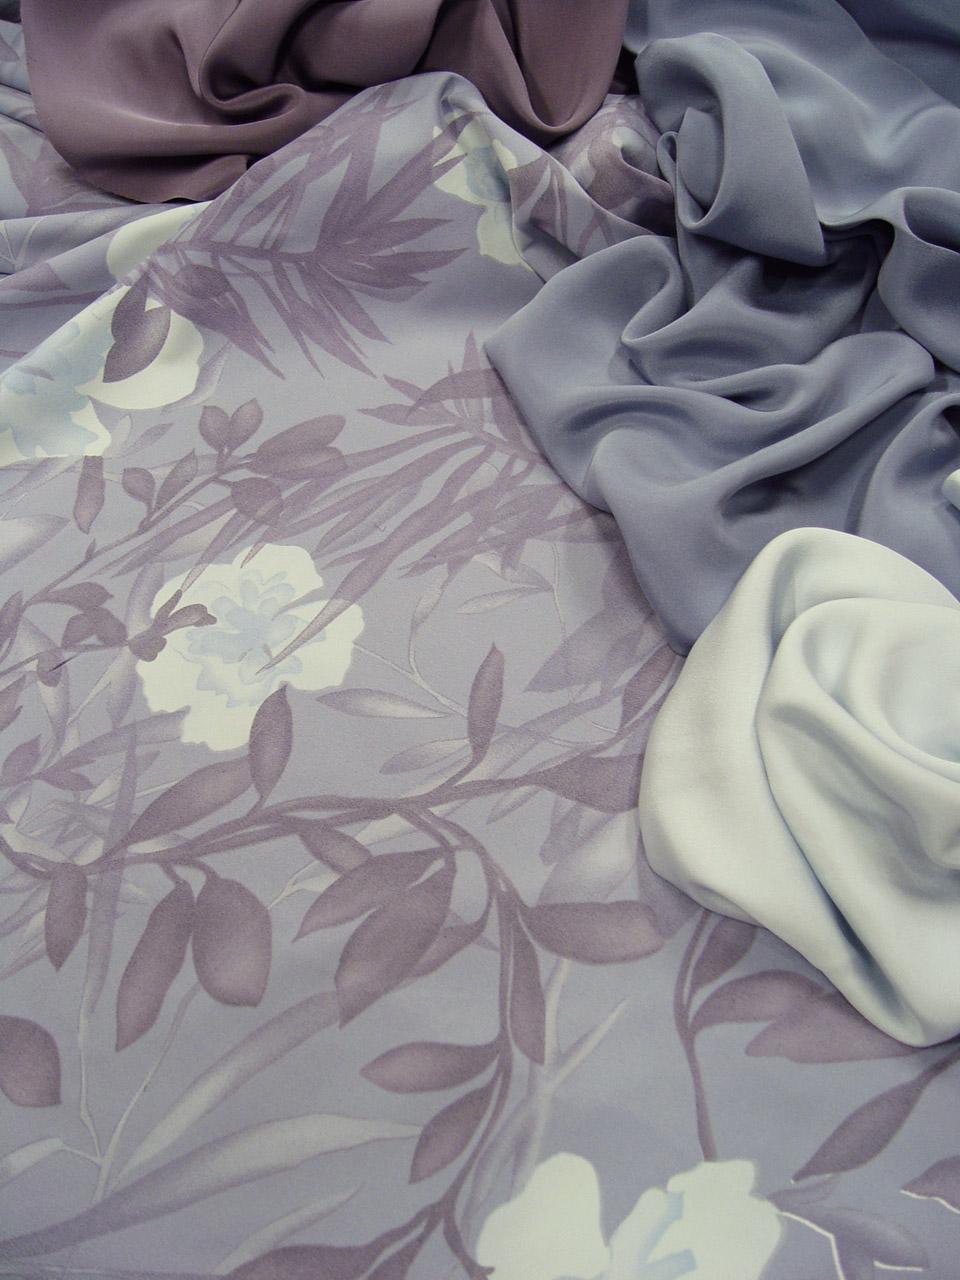 les nouveaut s au jour le jour chez stragier satin extensible et draps de soie unis coordonn s. Black Bedroom Furniture Sets. Home Design Ideas